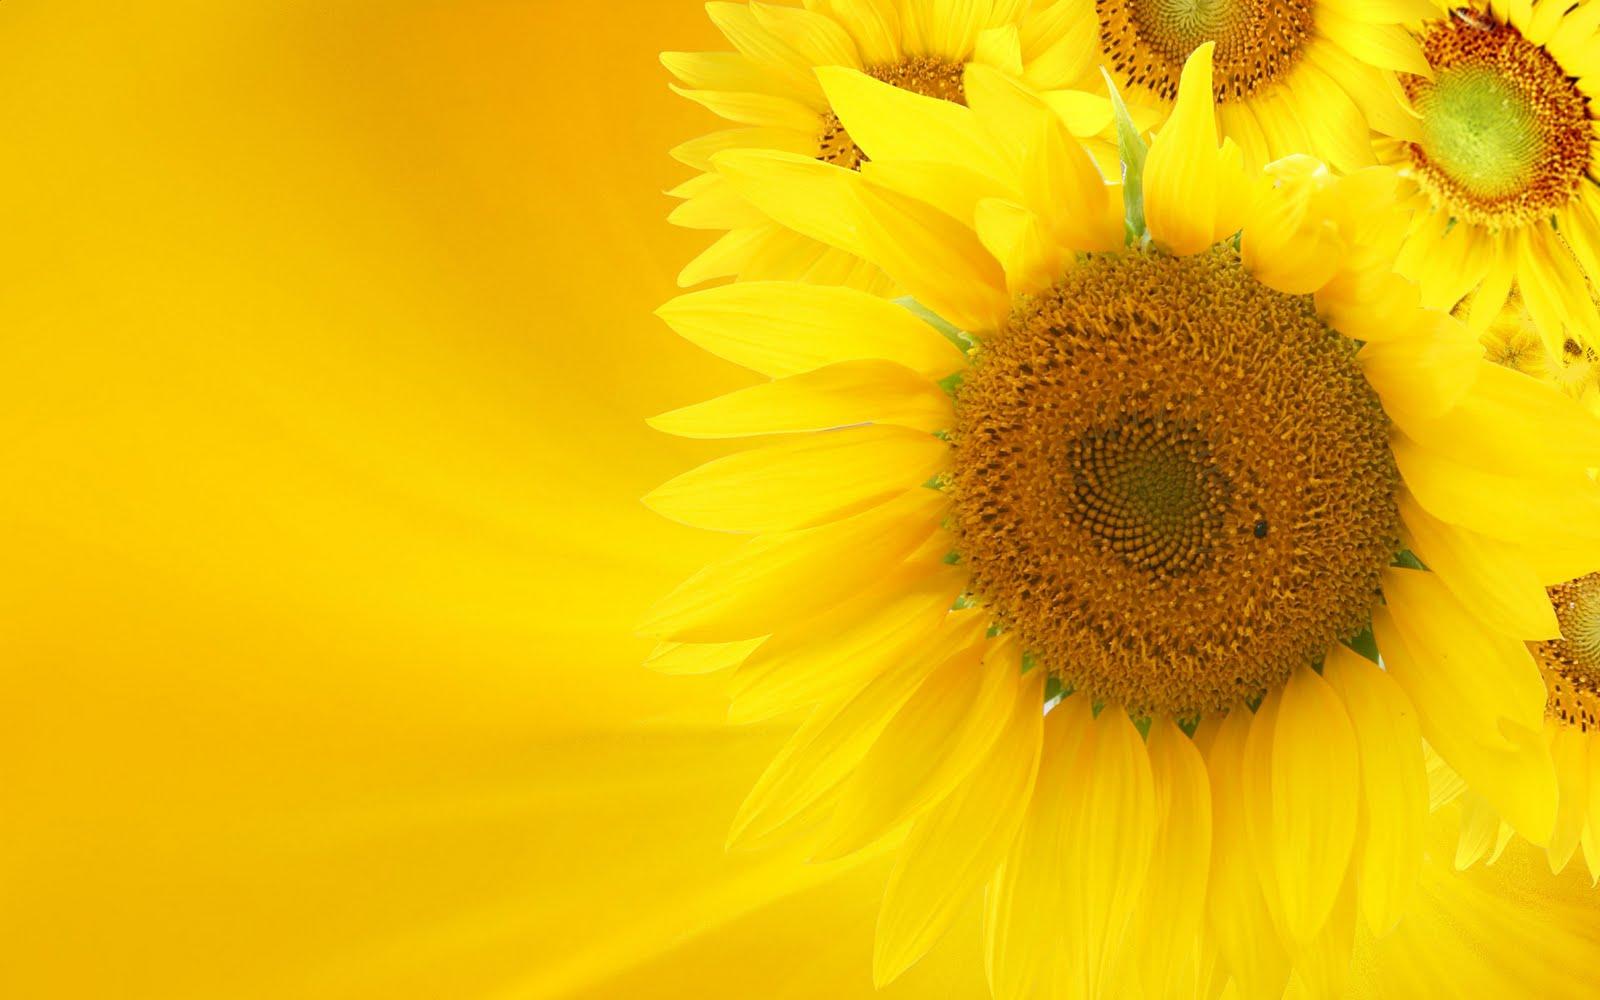 wallpaper: Sunflower wallpaper